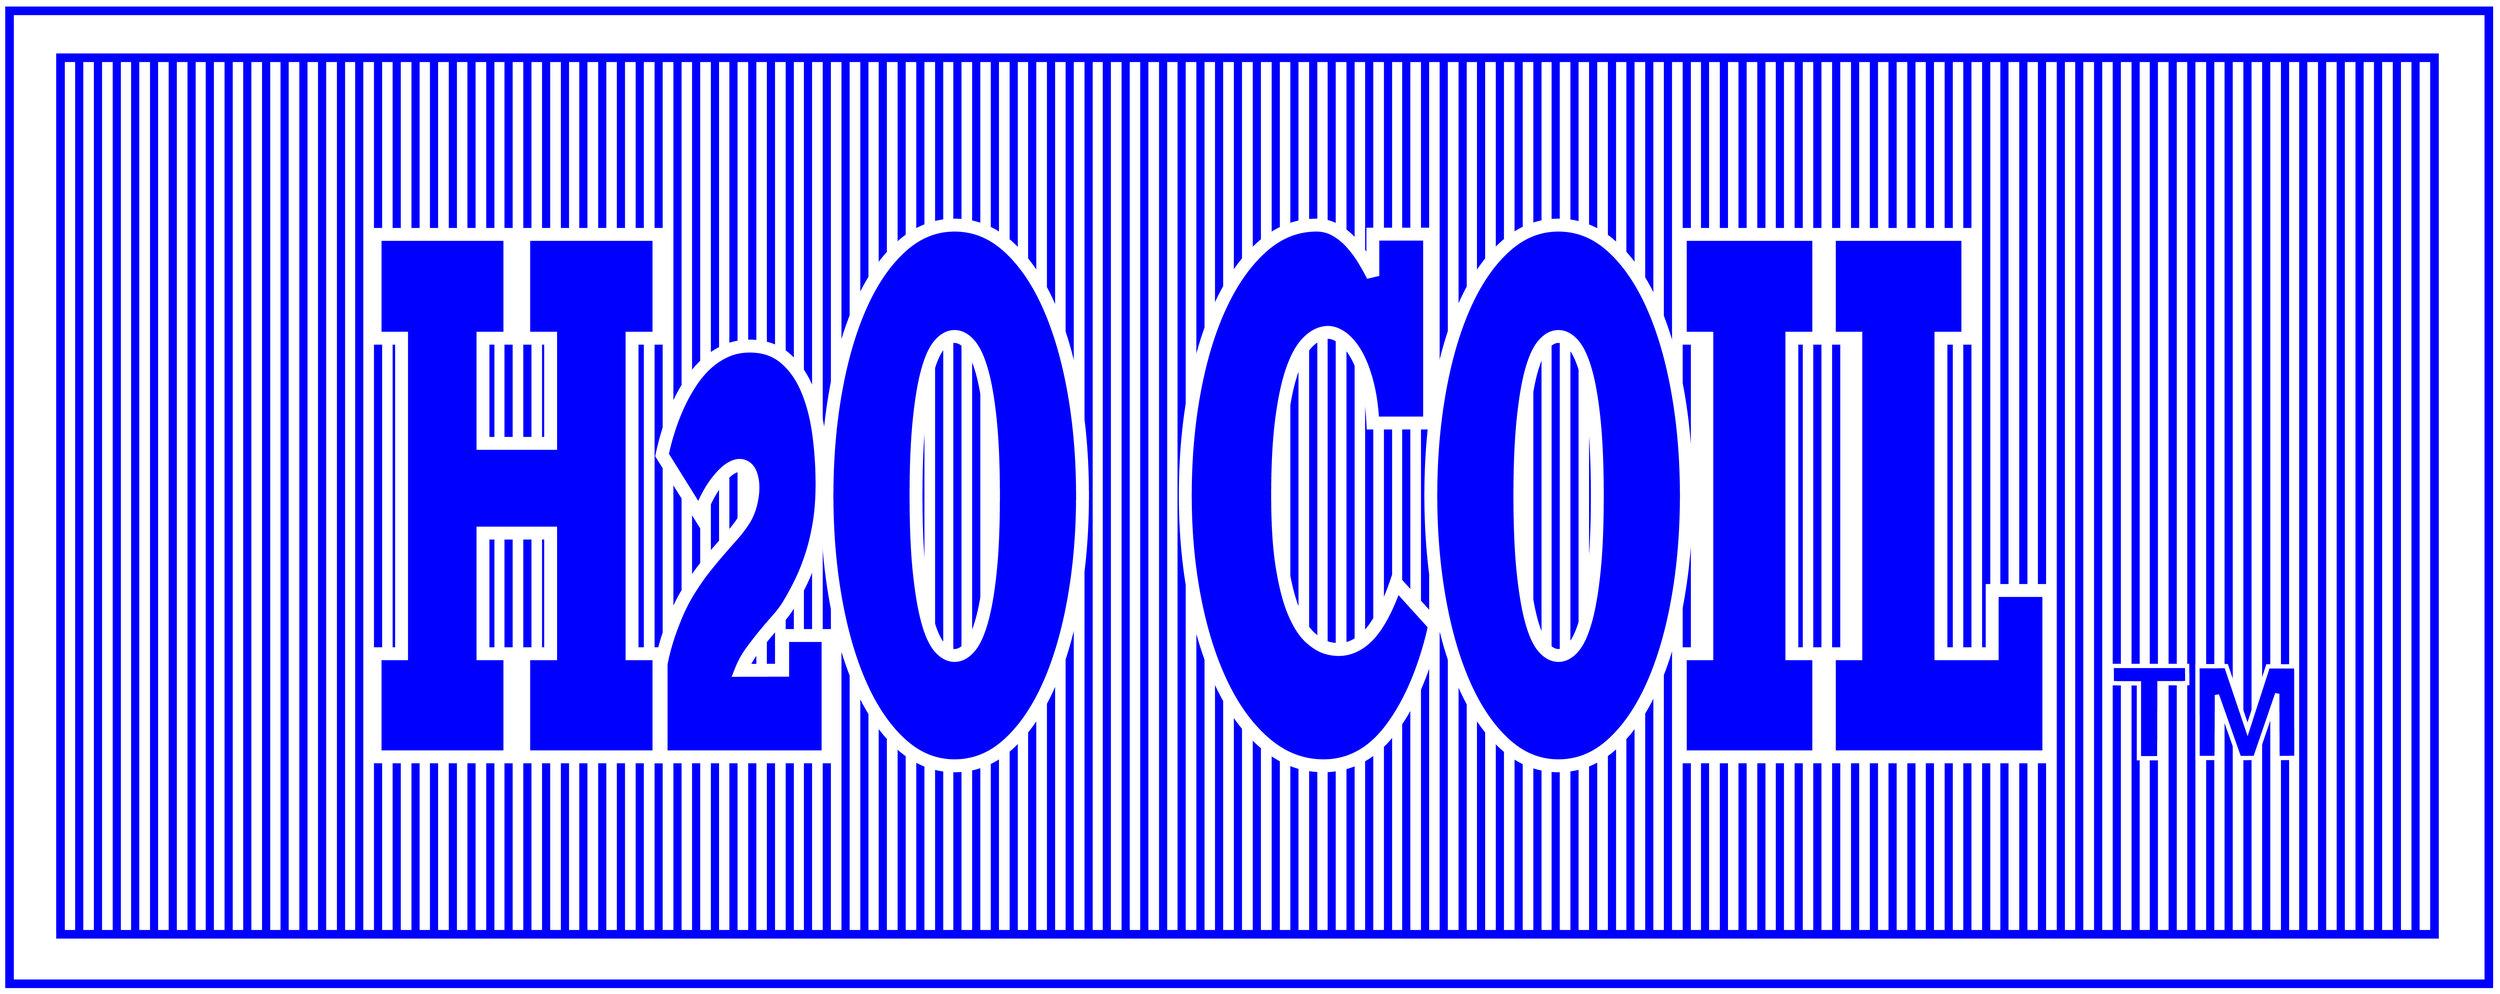 HVAC_logos_revision4-04.jpg